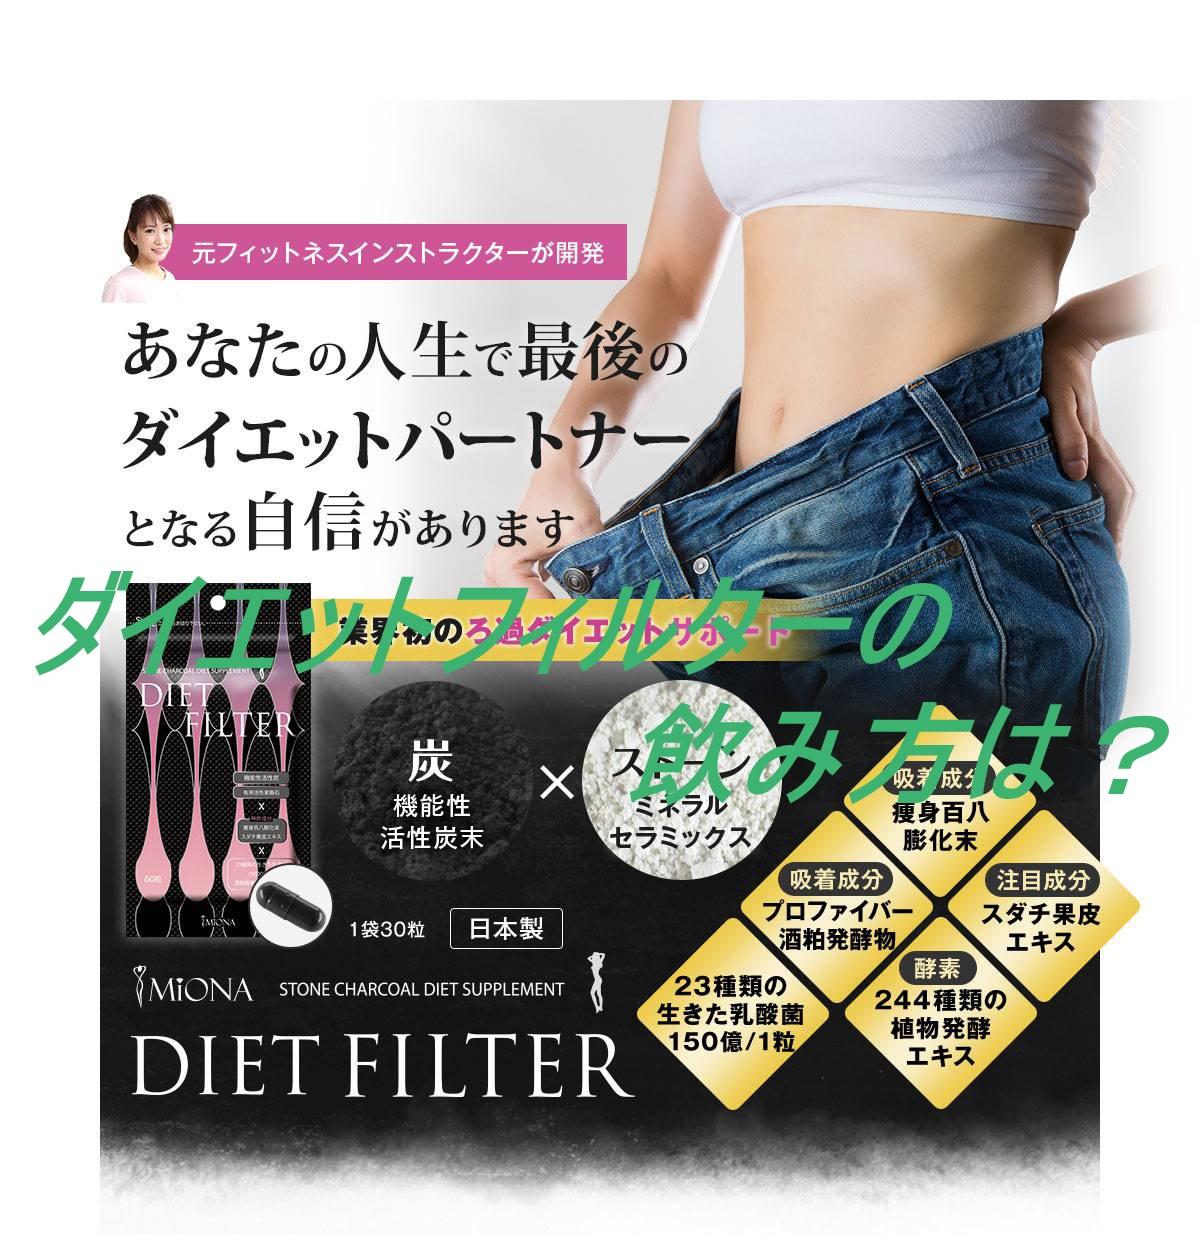 ダイエットフィルターの飲み方は?